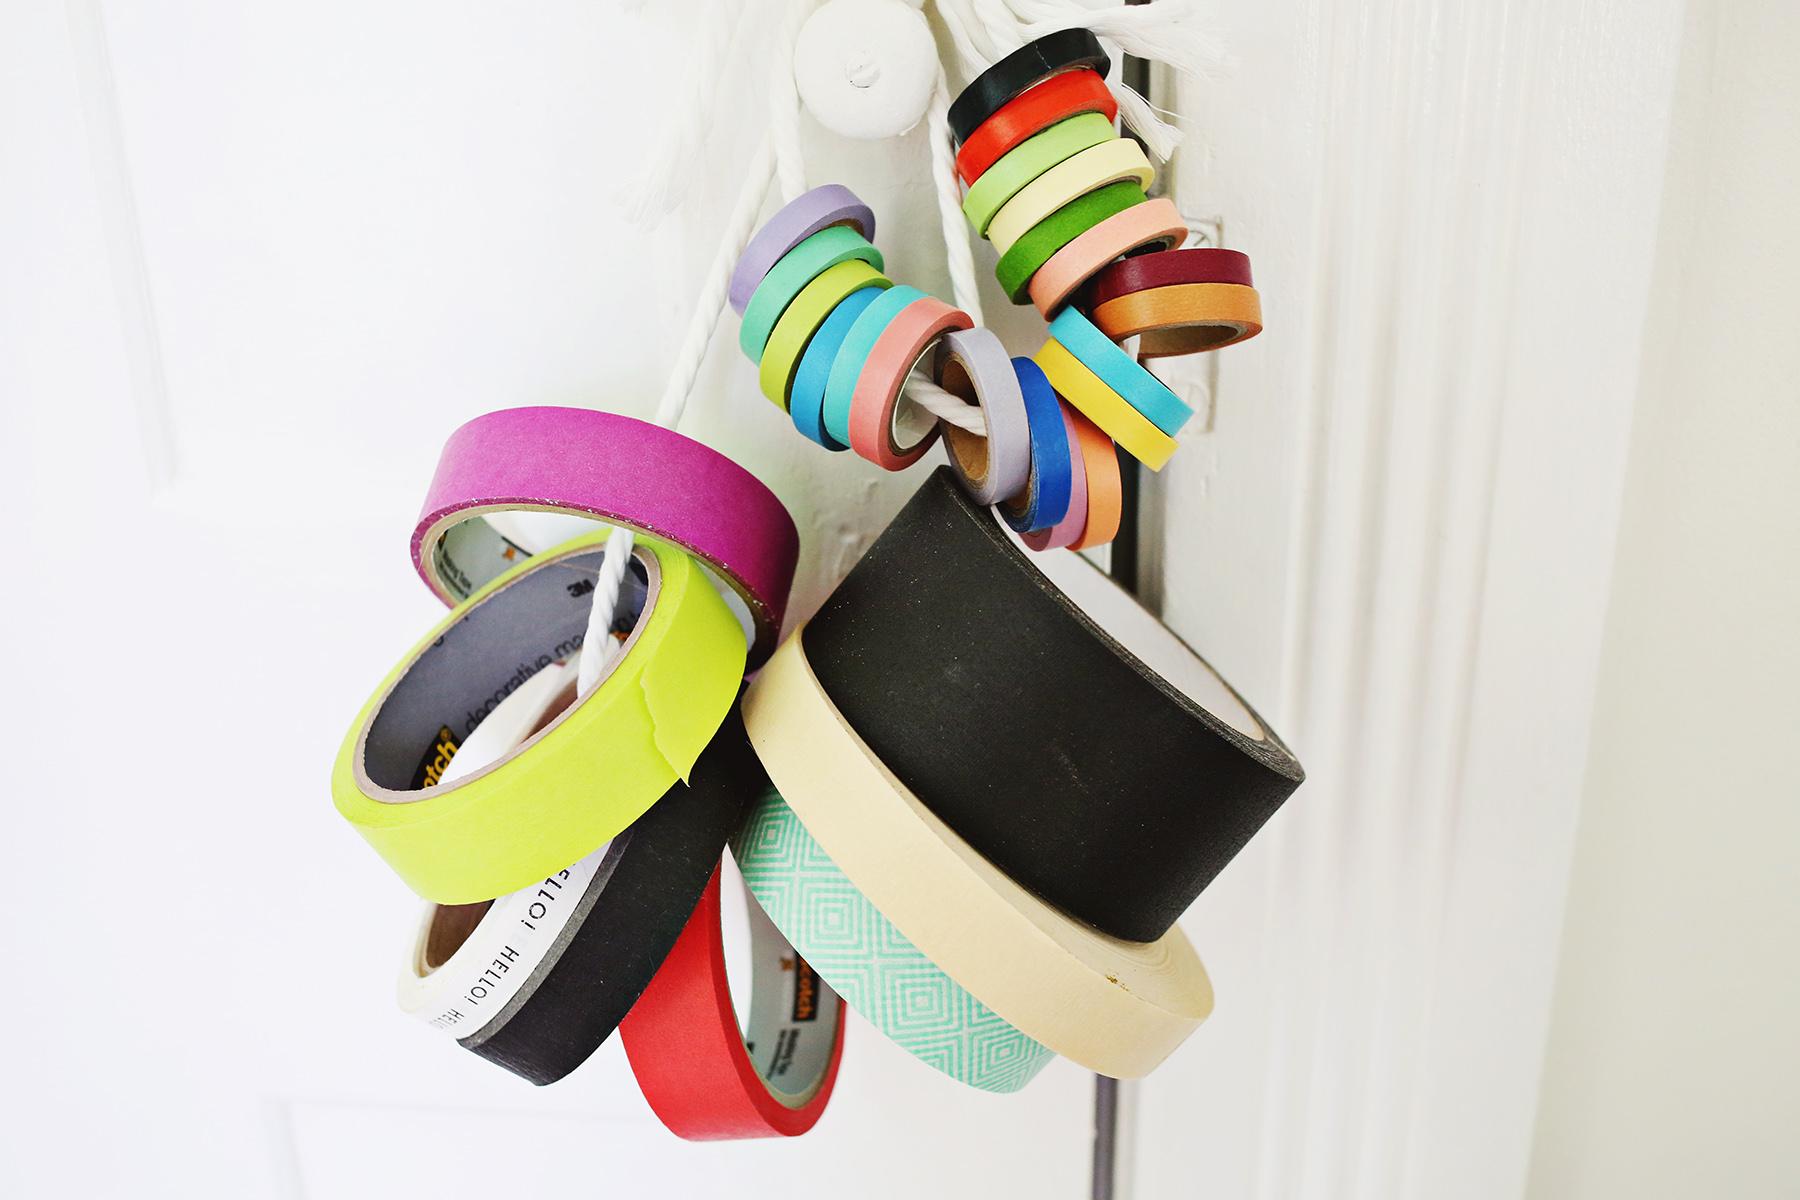 Washi tape + rope